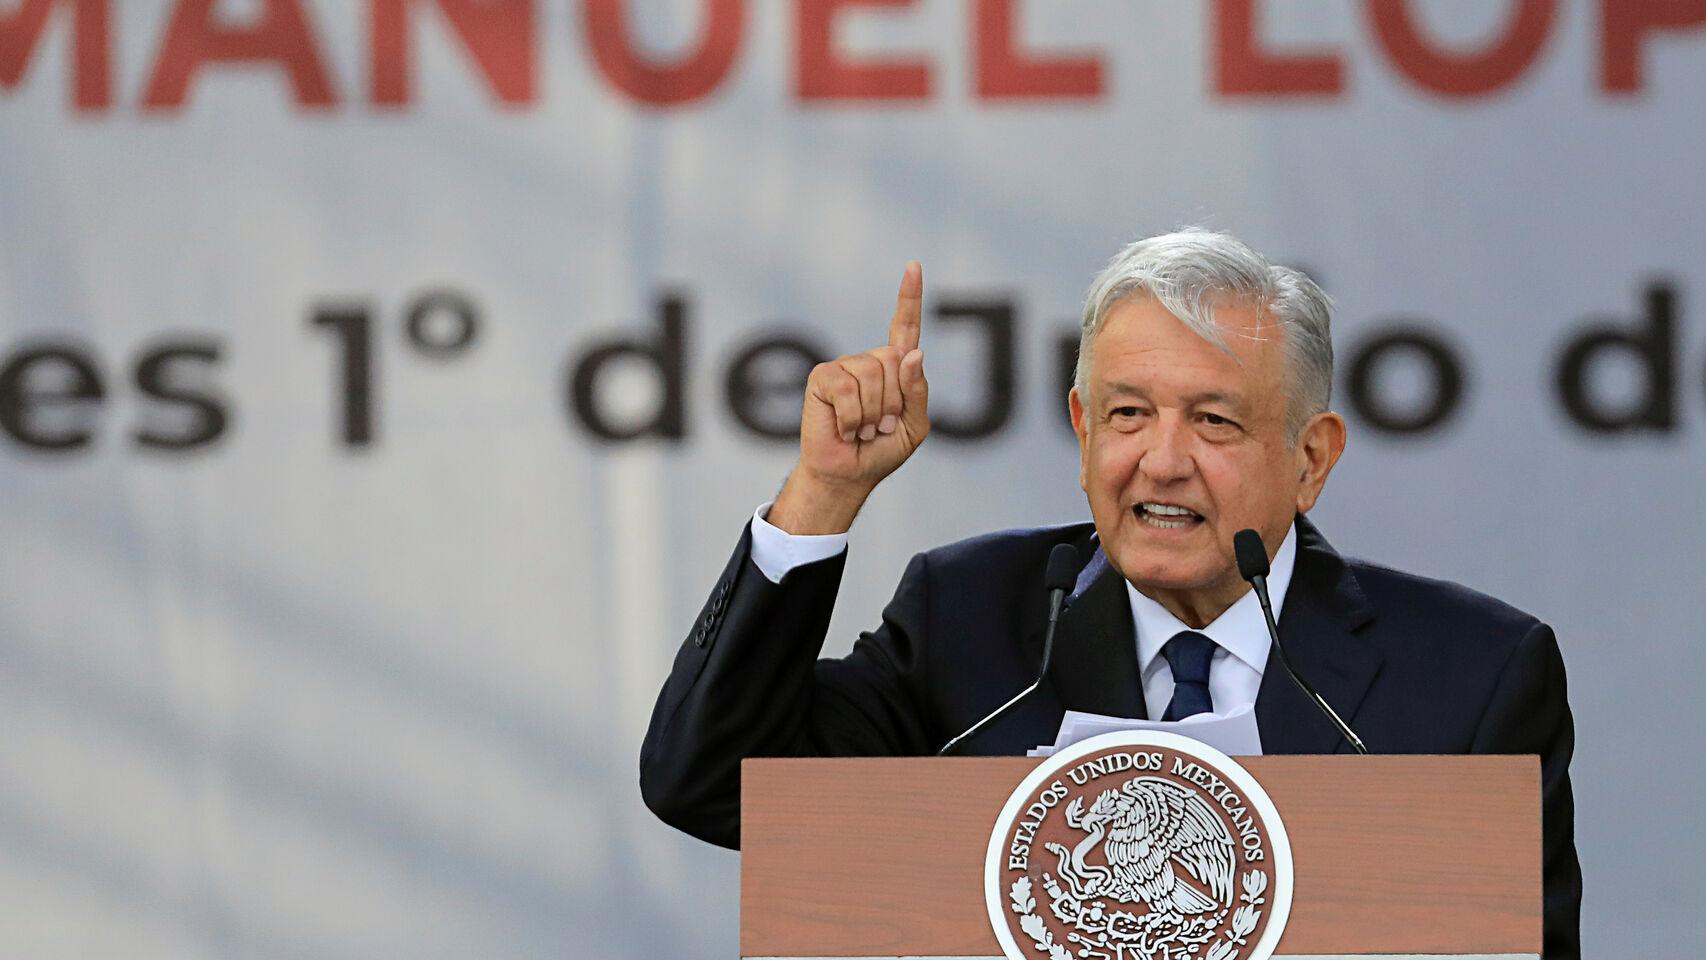 legisladores, morena, amlo, destacados, noticias hoy